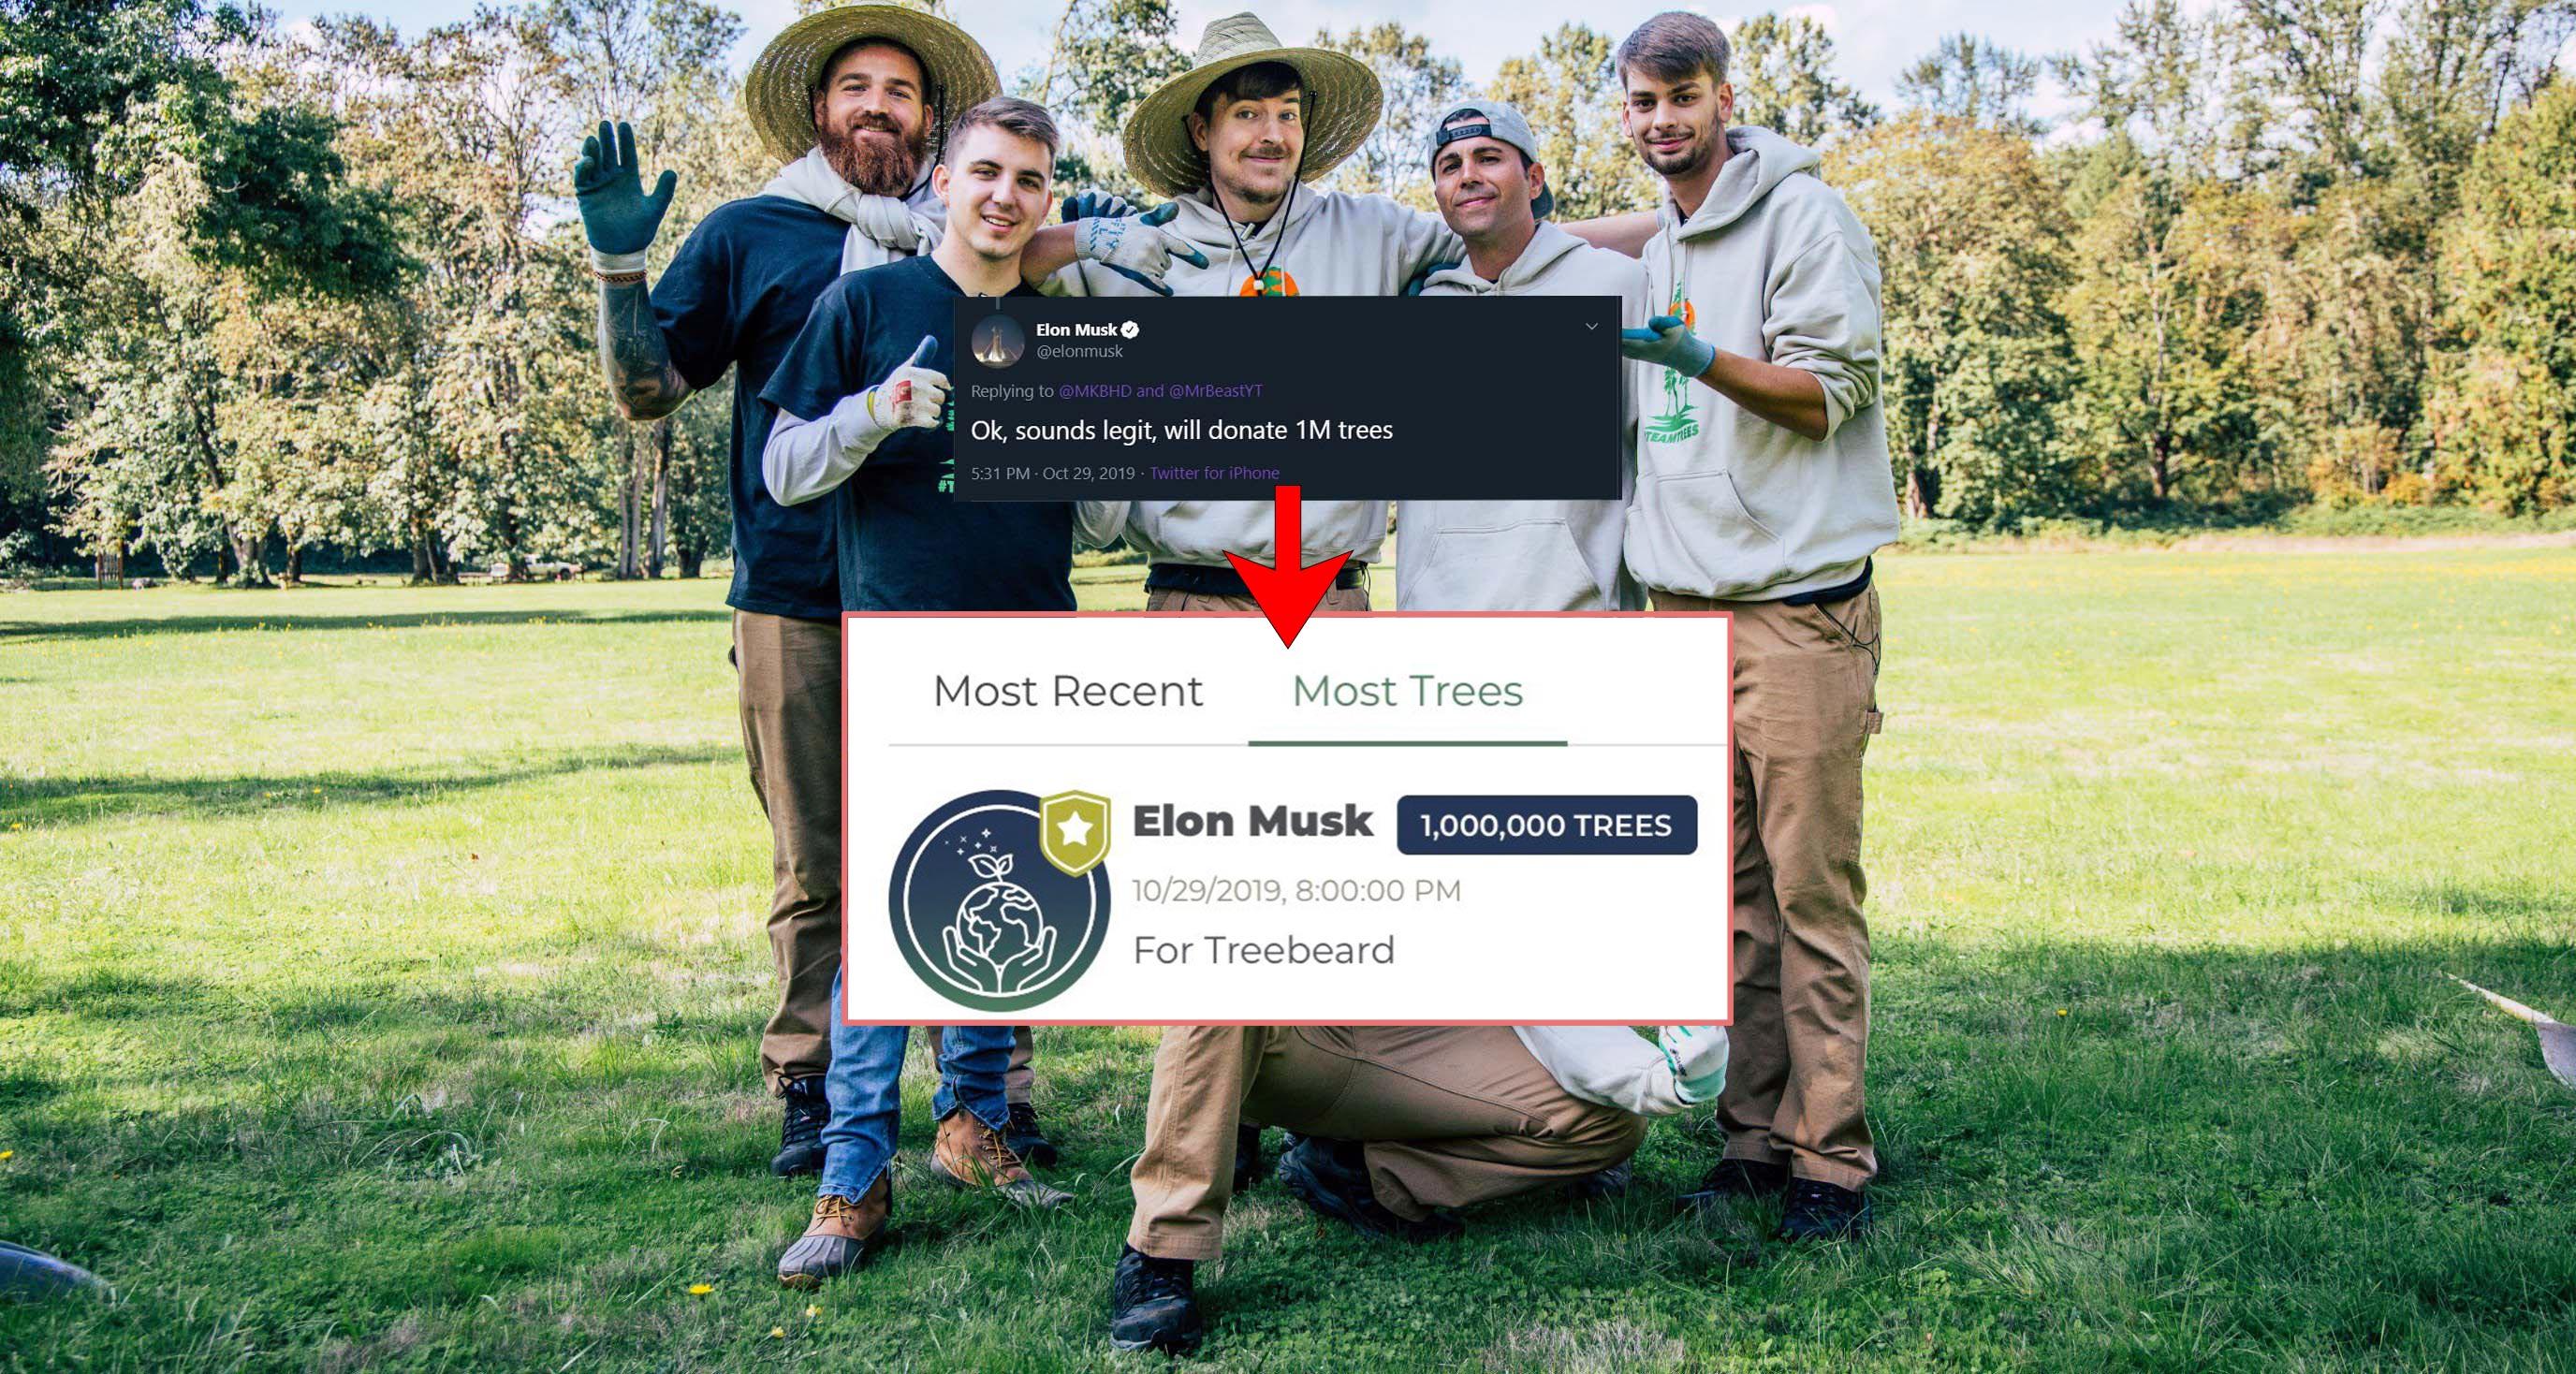 Elon Luvs Trees (Teslarati) 1